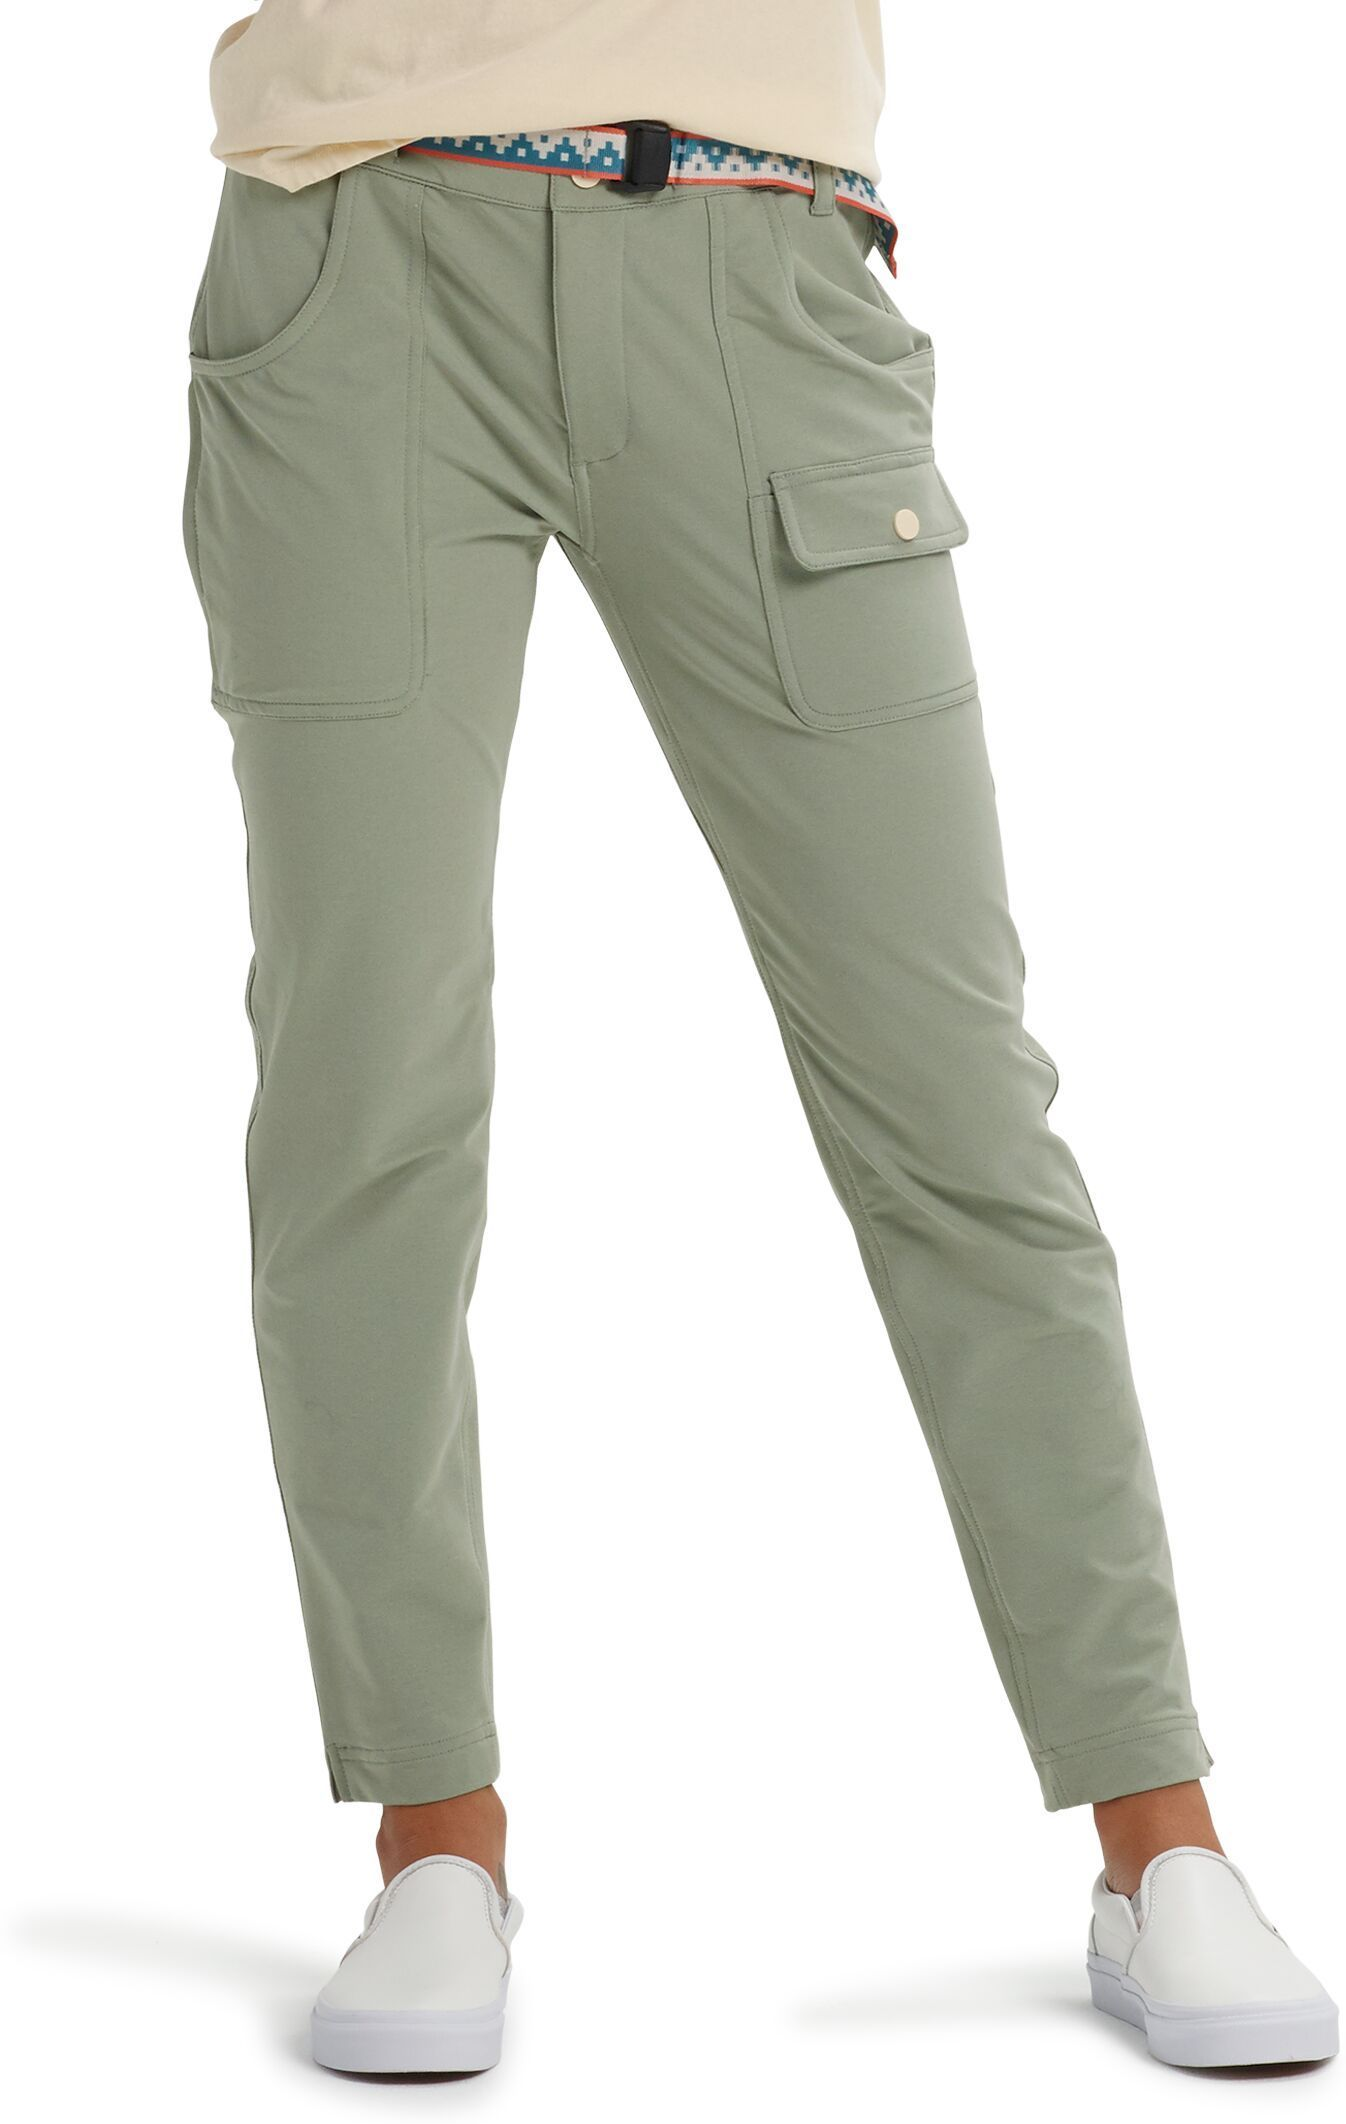 spodnie damskie BURTON CHASEVIEW PANT Shadow